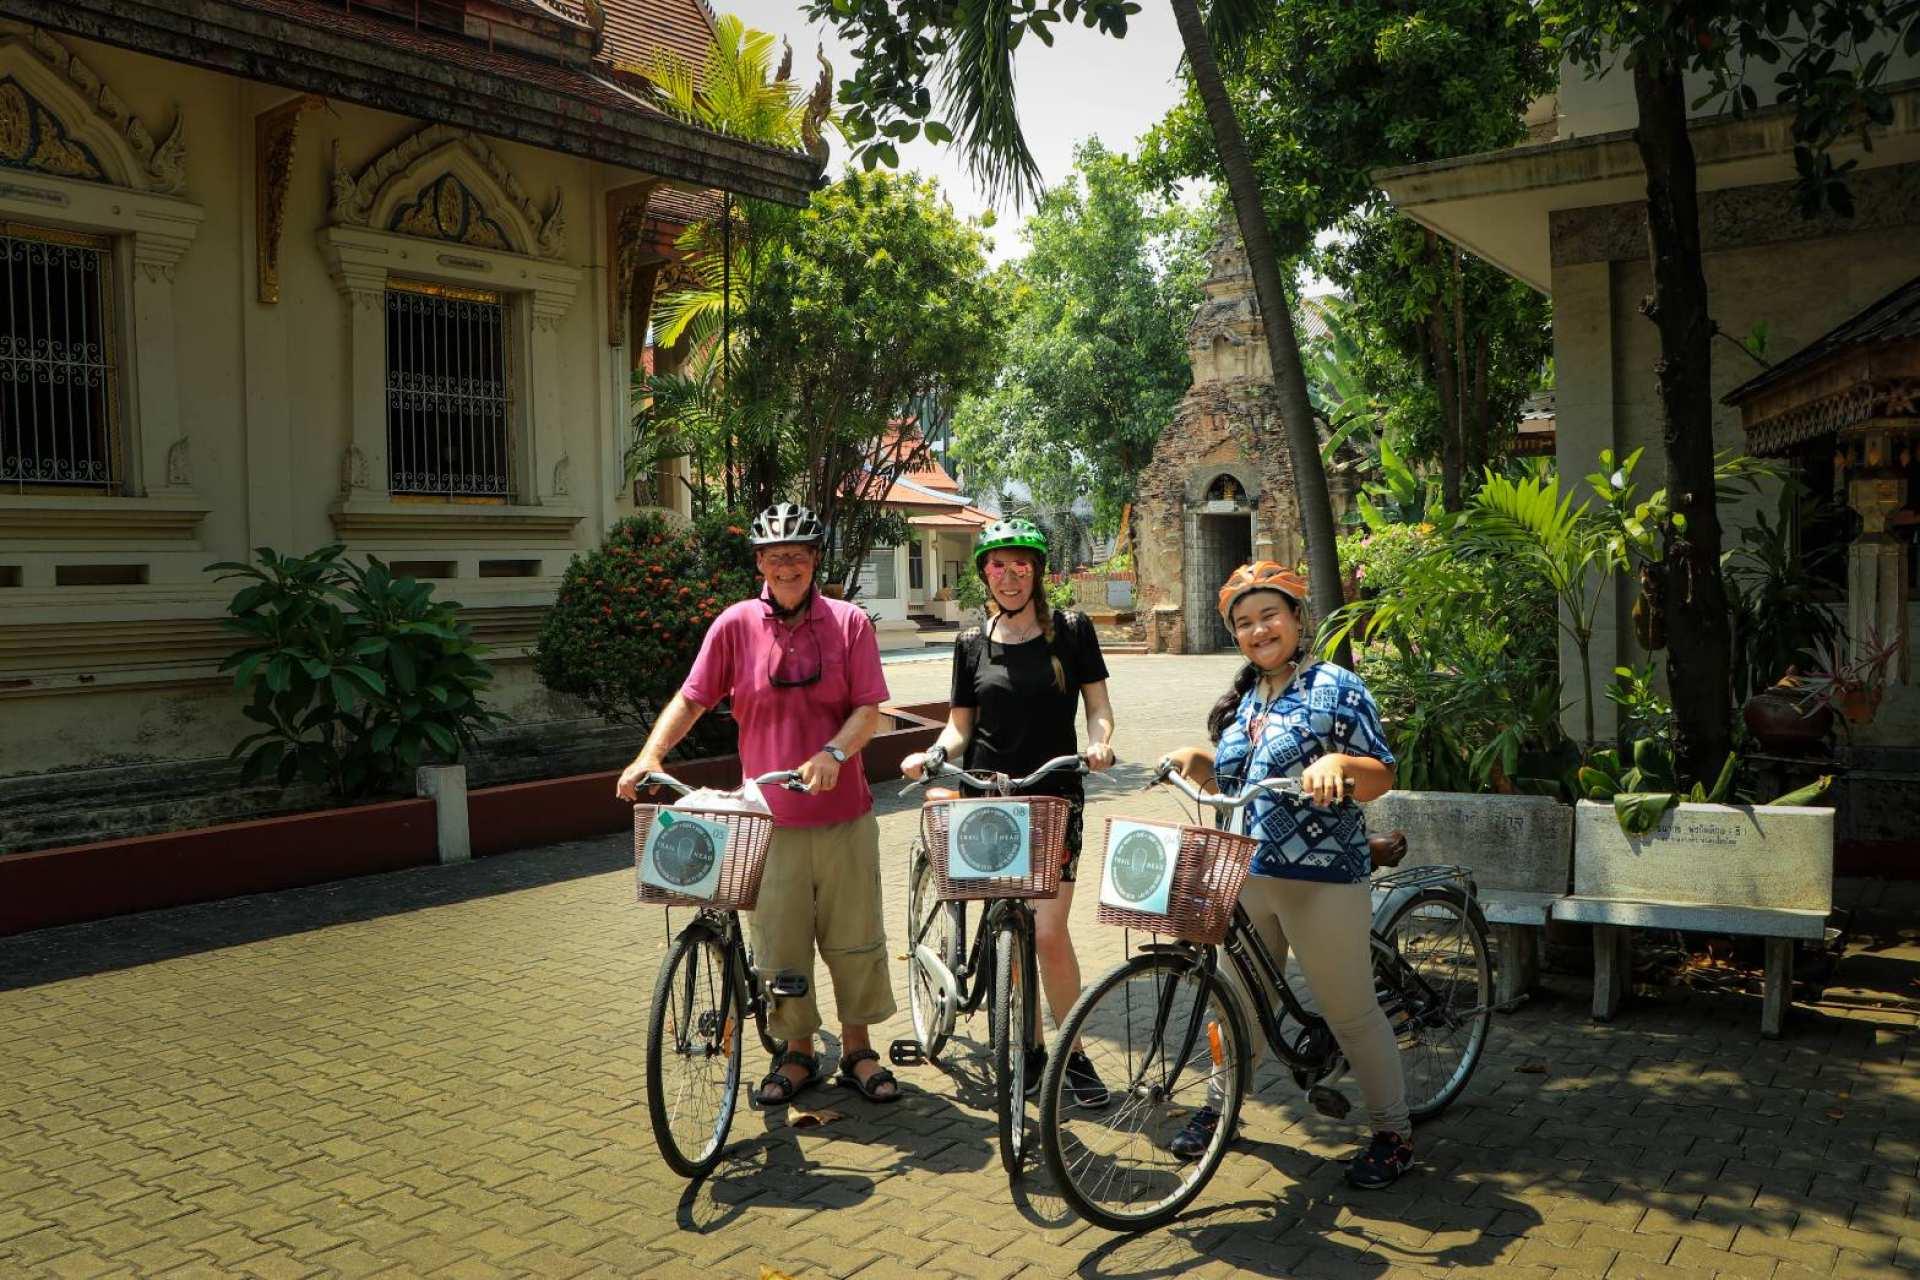 【城市自行車體驗】清邁城市單車之旅